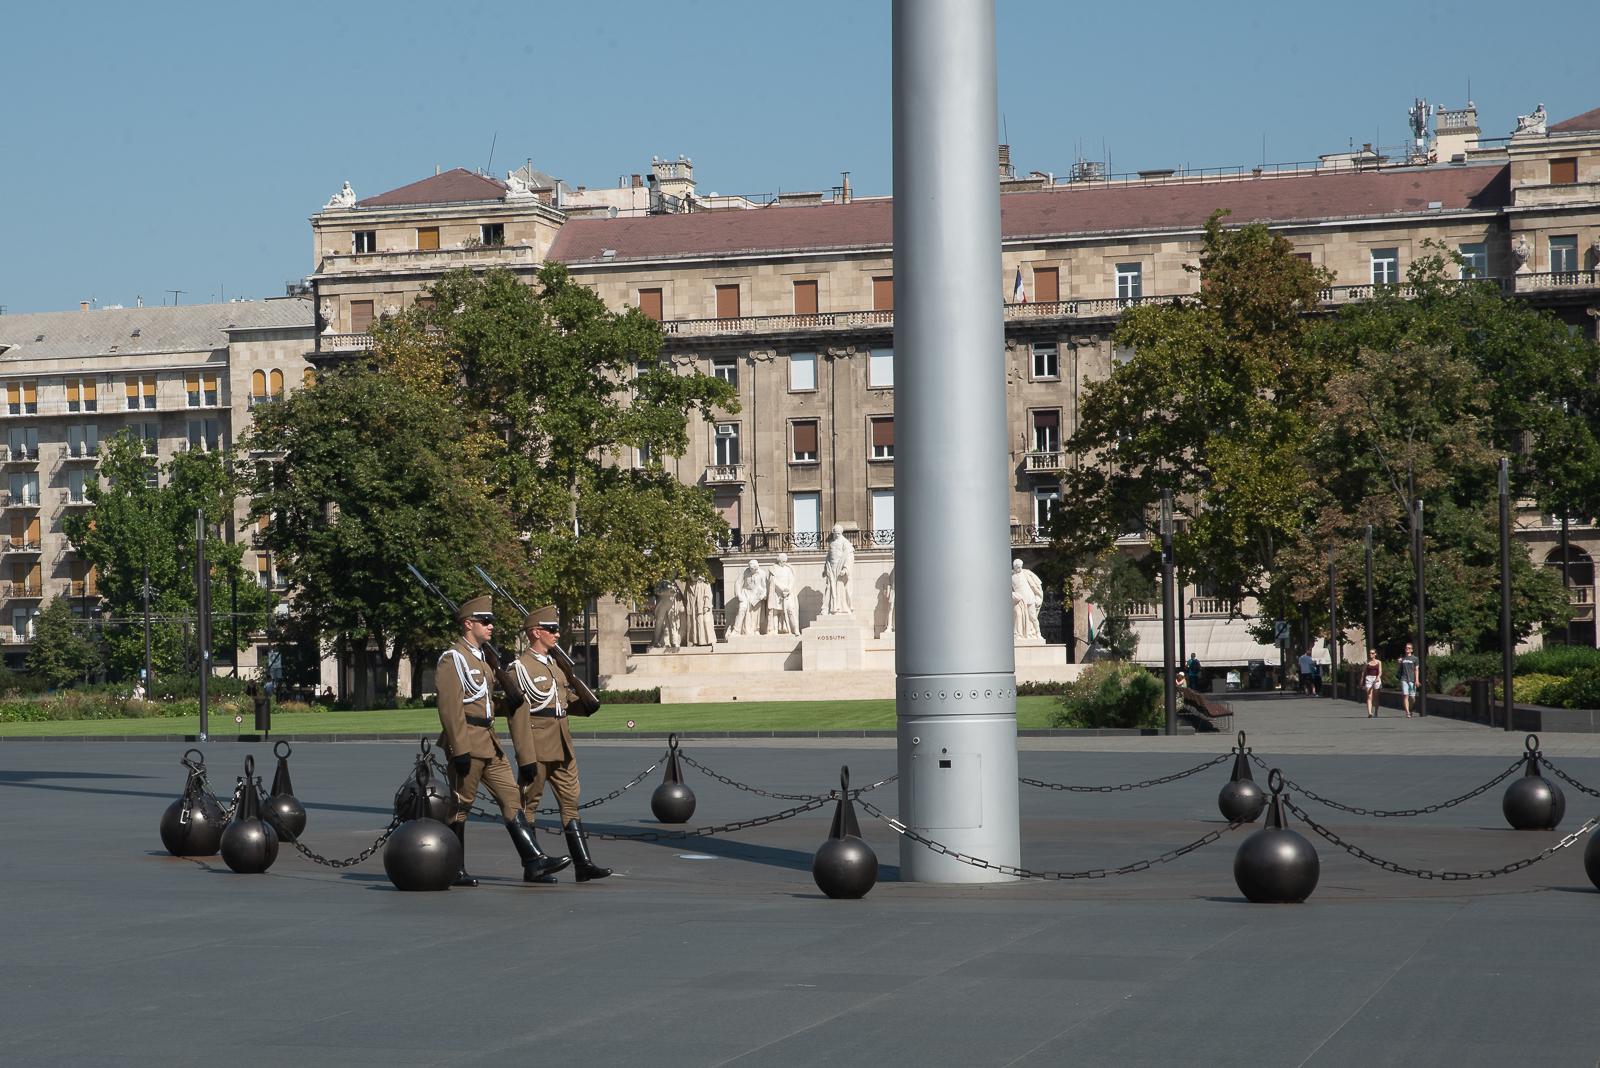 20200830_MW_DSC_5218_Ungarn